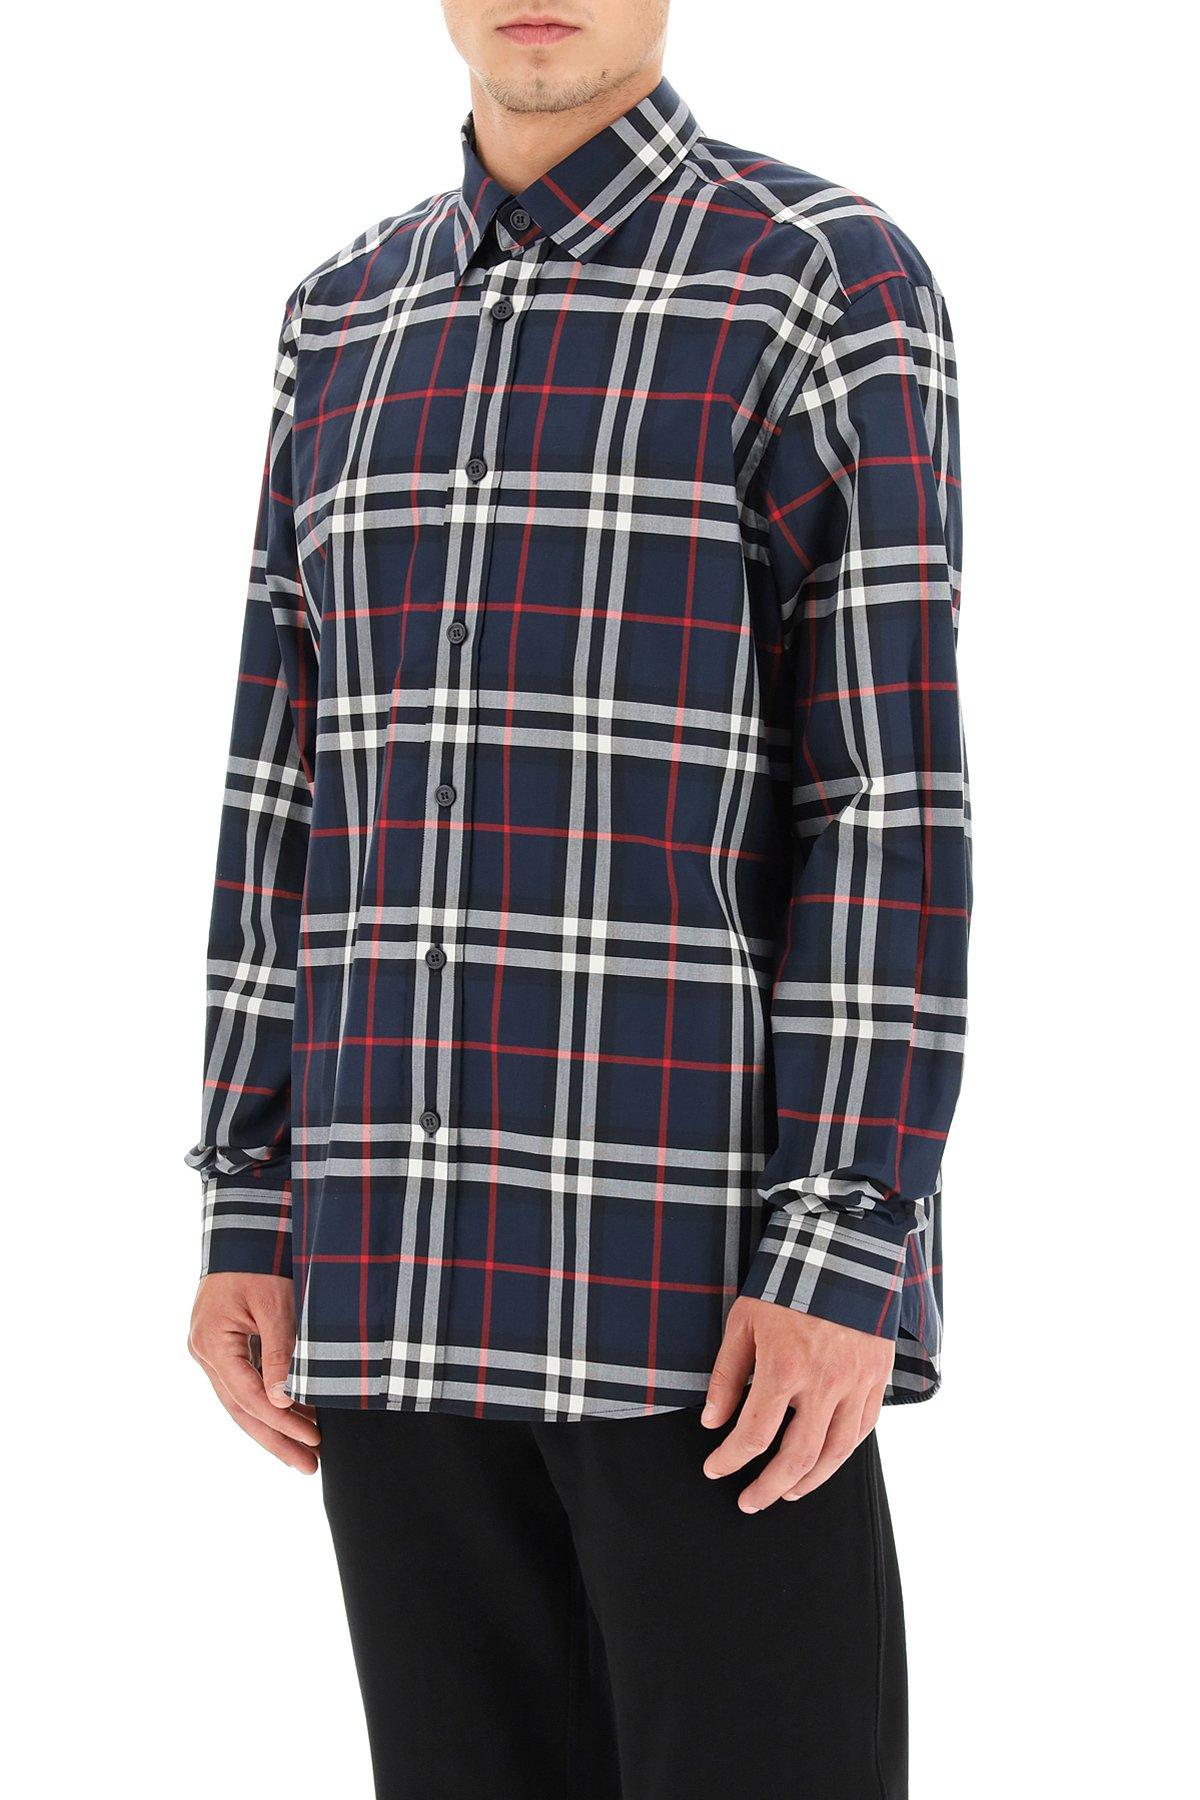 Burberry camicia classica caxton